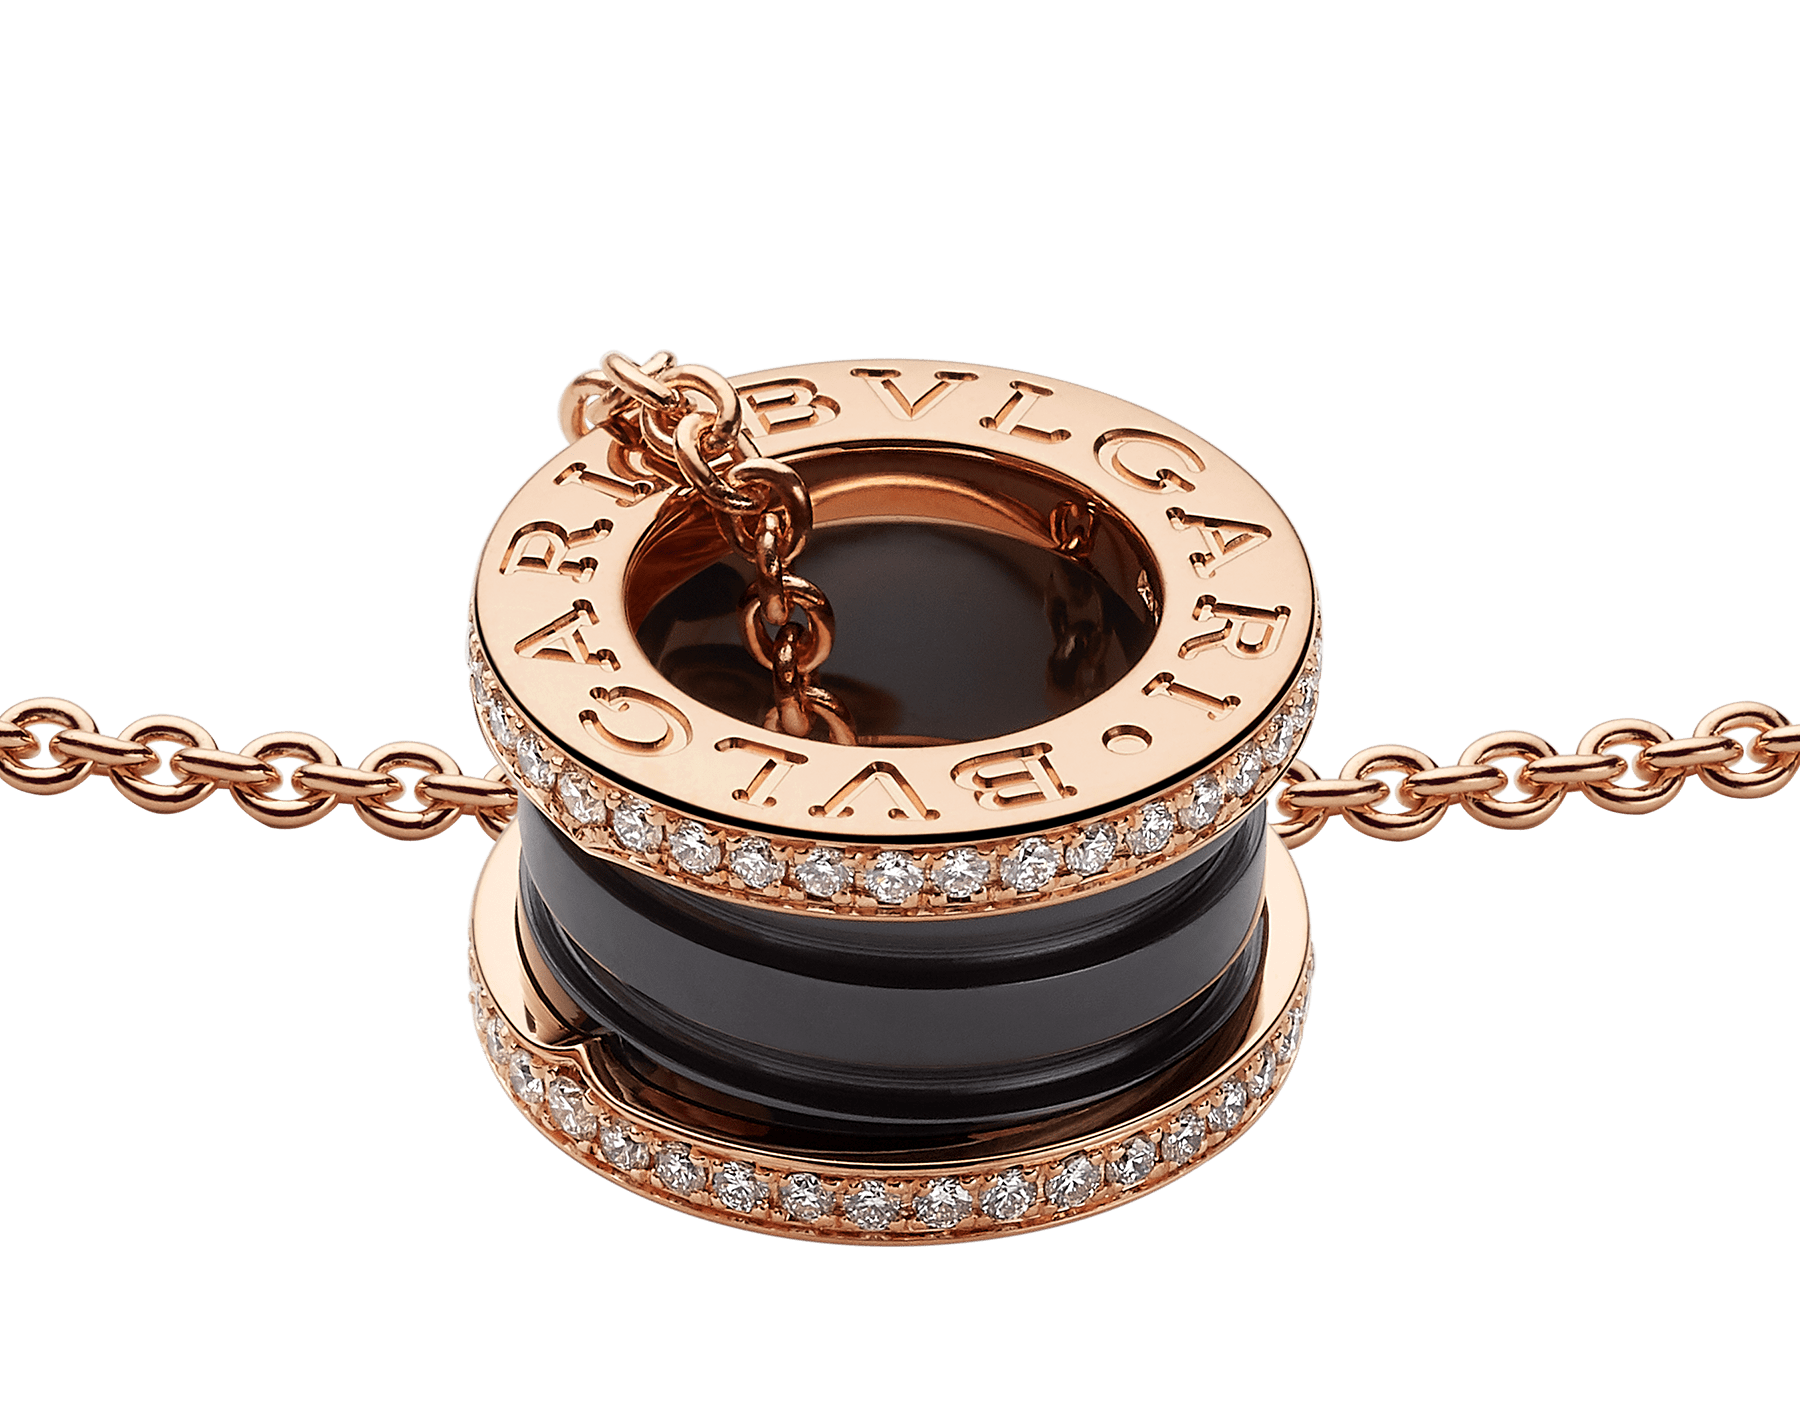 Con la emblemática espiral elaborada con cerámica negra y pavé de diamantes alrededor de una cadena en oro rosa, el collar B.zero1 fusiona su distintivo diseño con la elegancia contemporánea. 350056 image 3